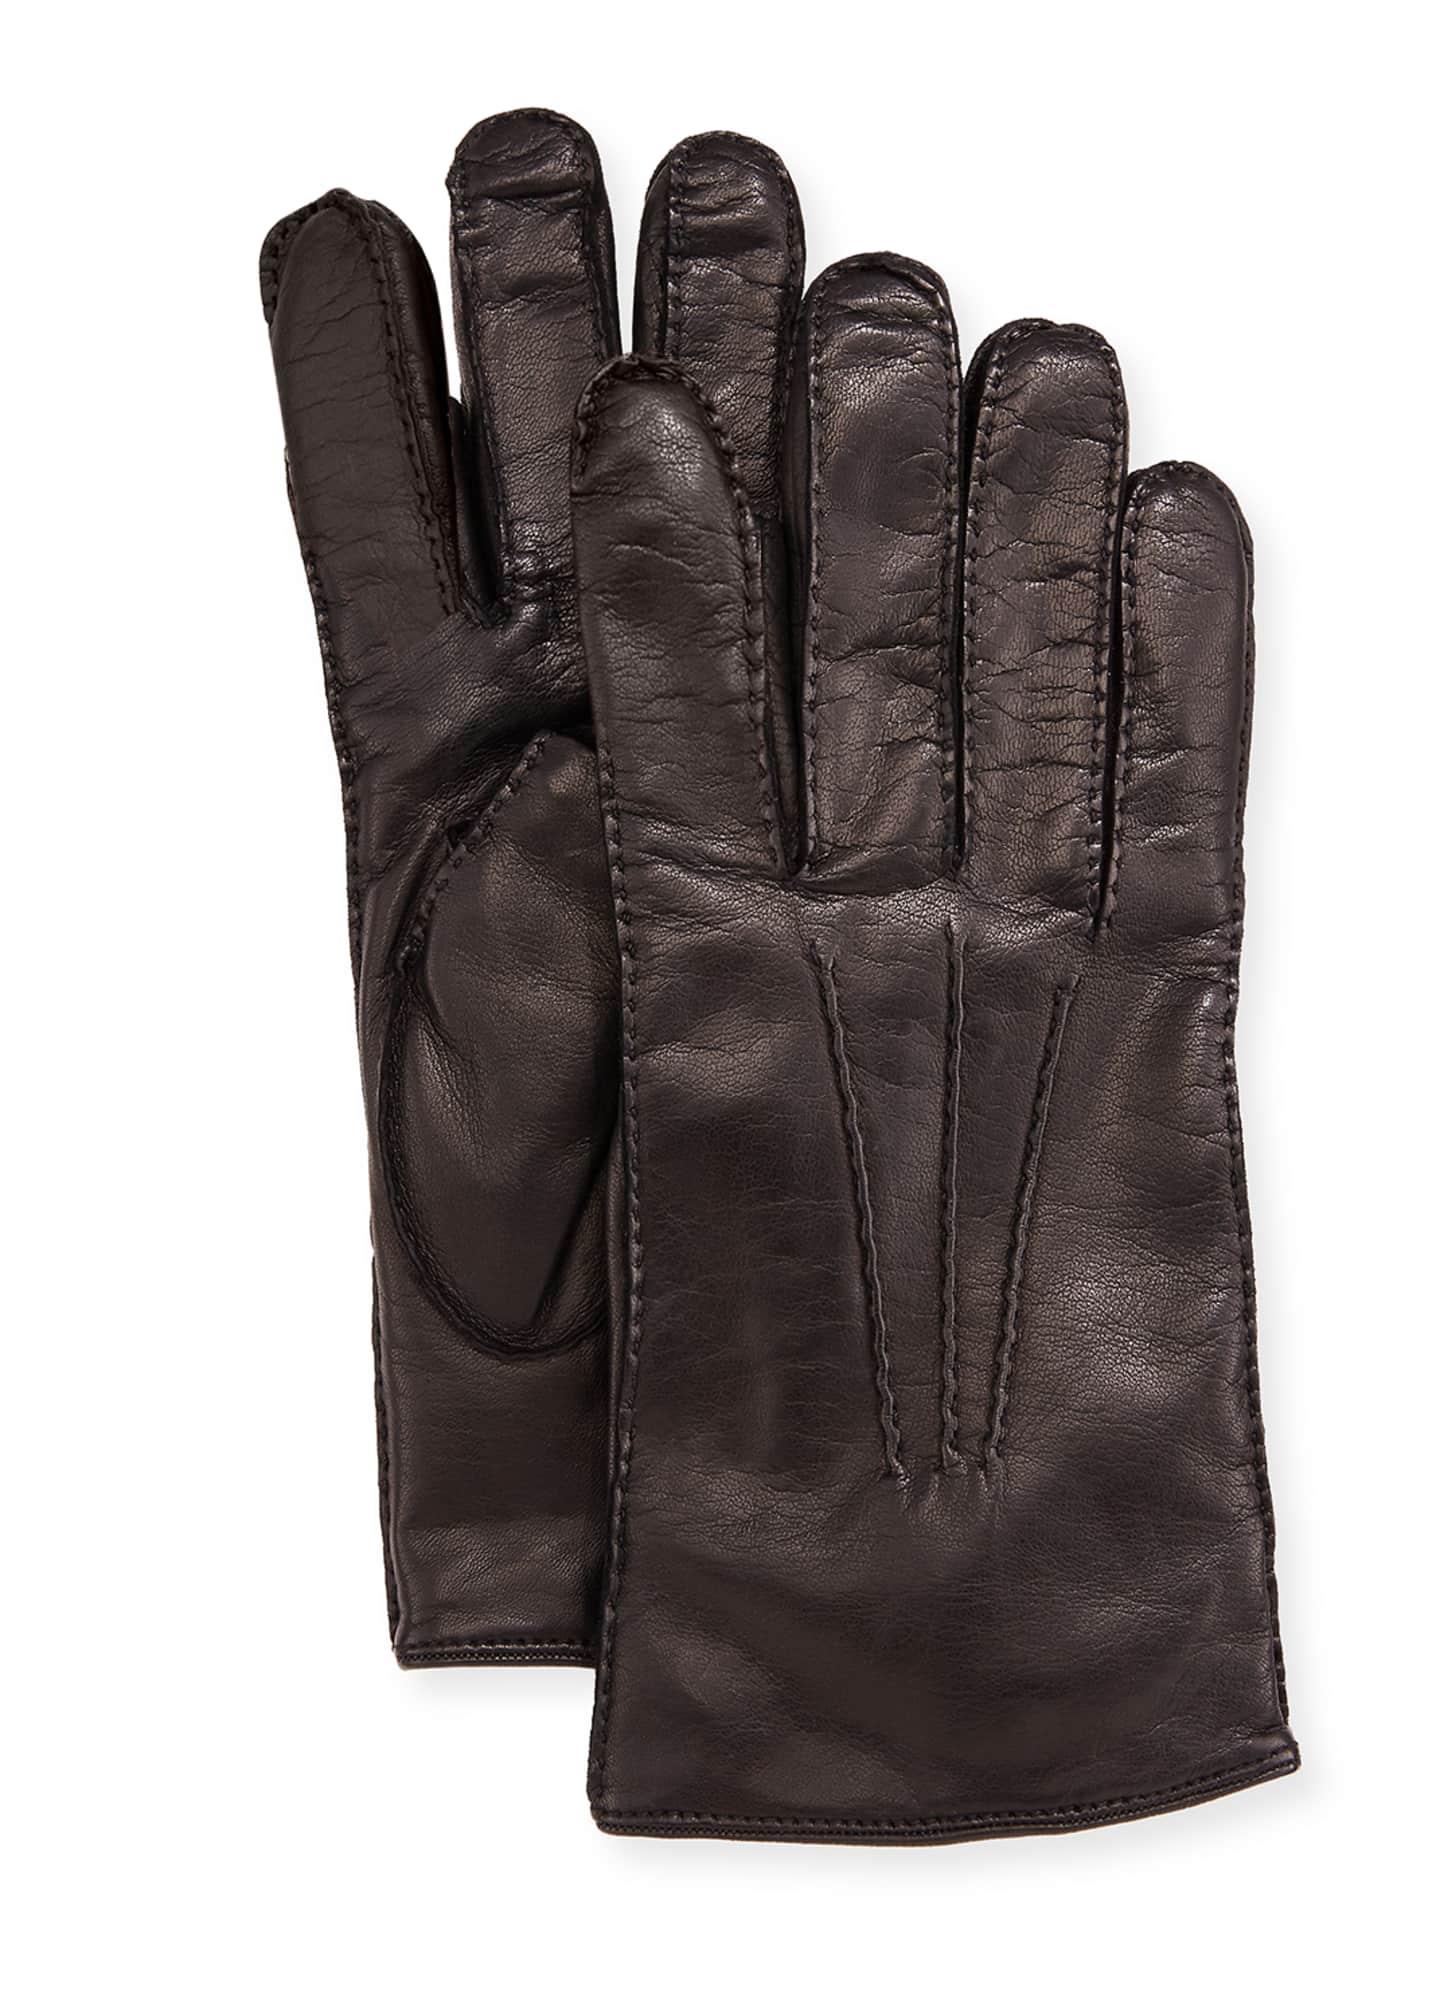 Guanti Giglio Fiorentino Three-Cord Napa Leather Gloves